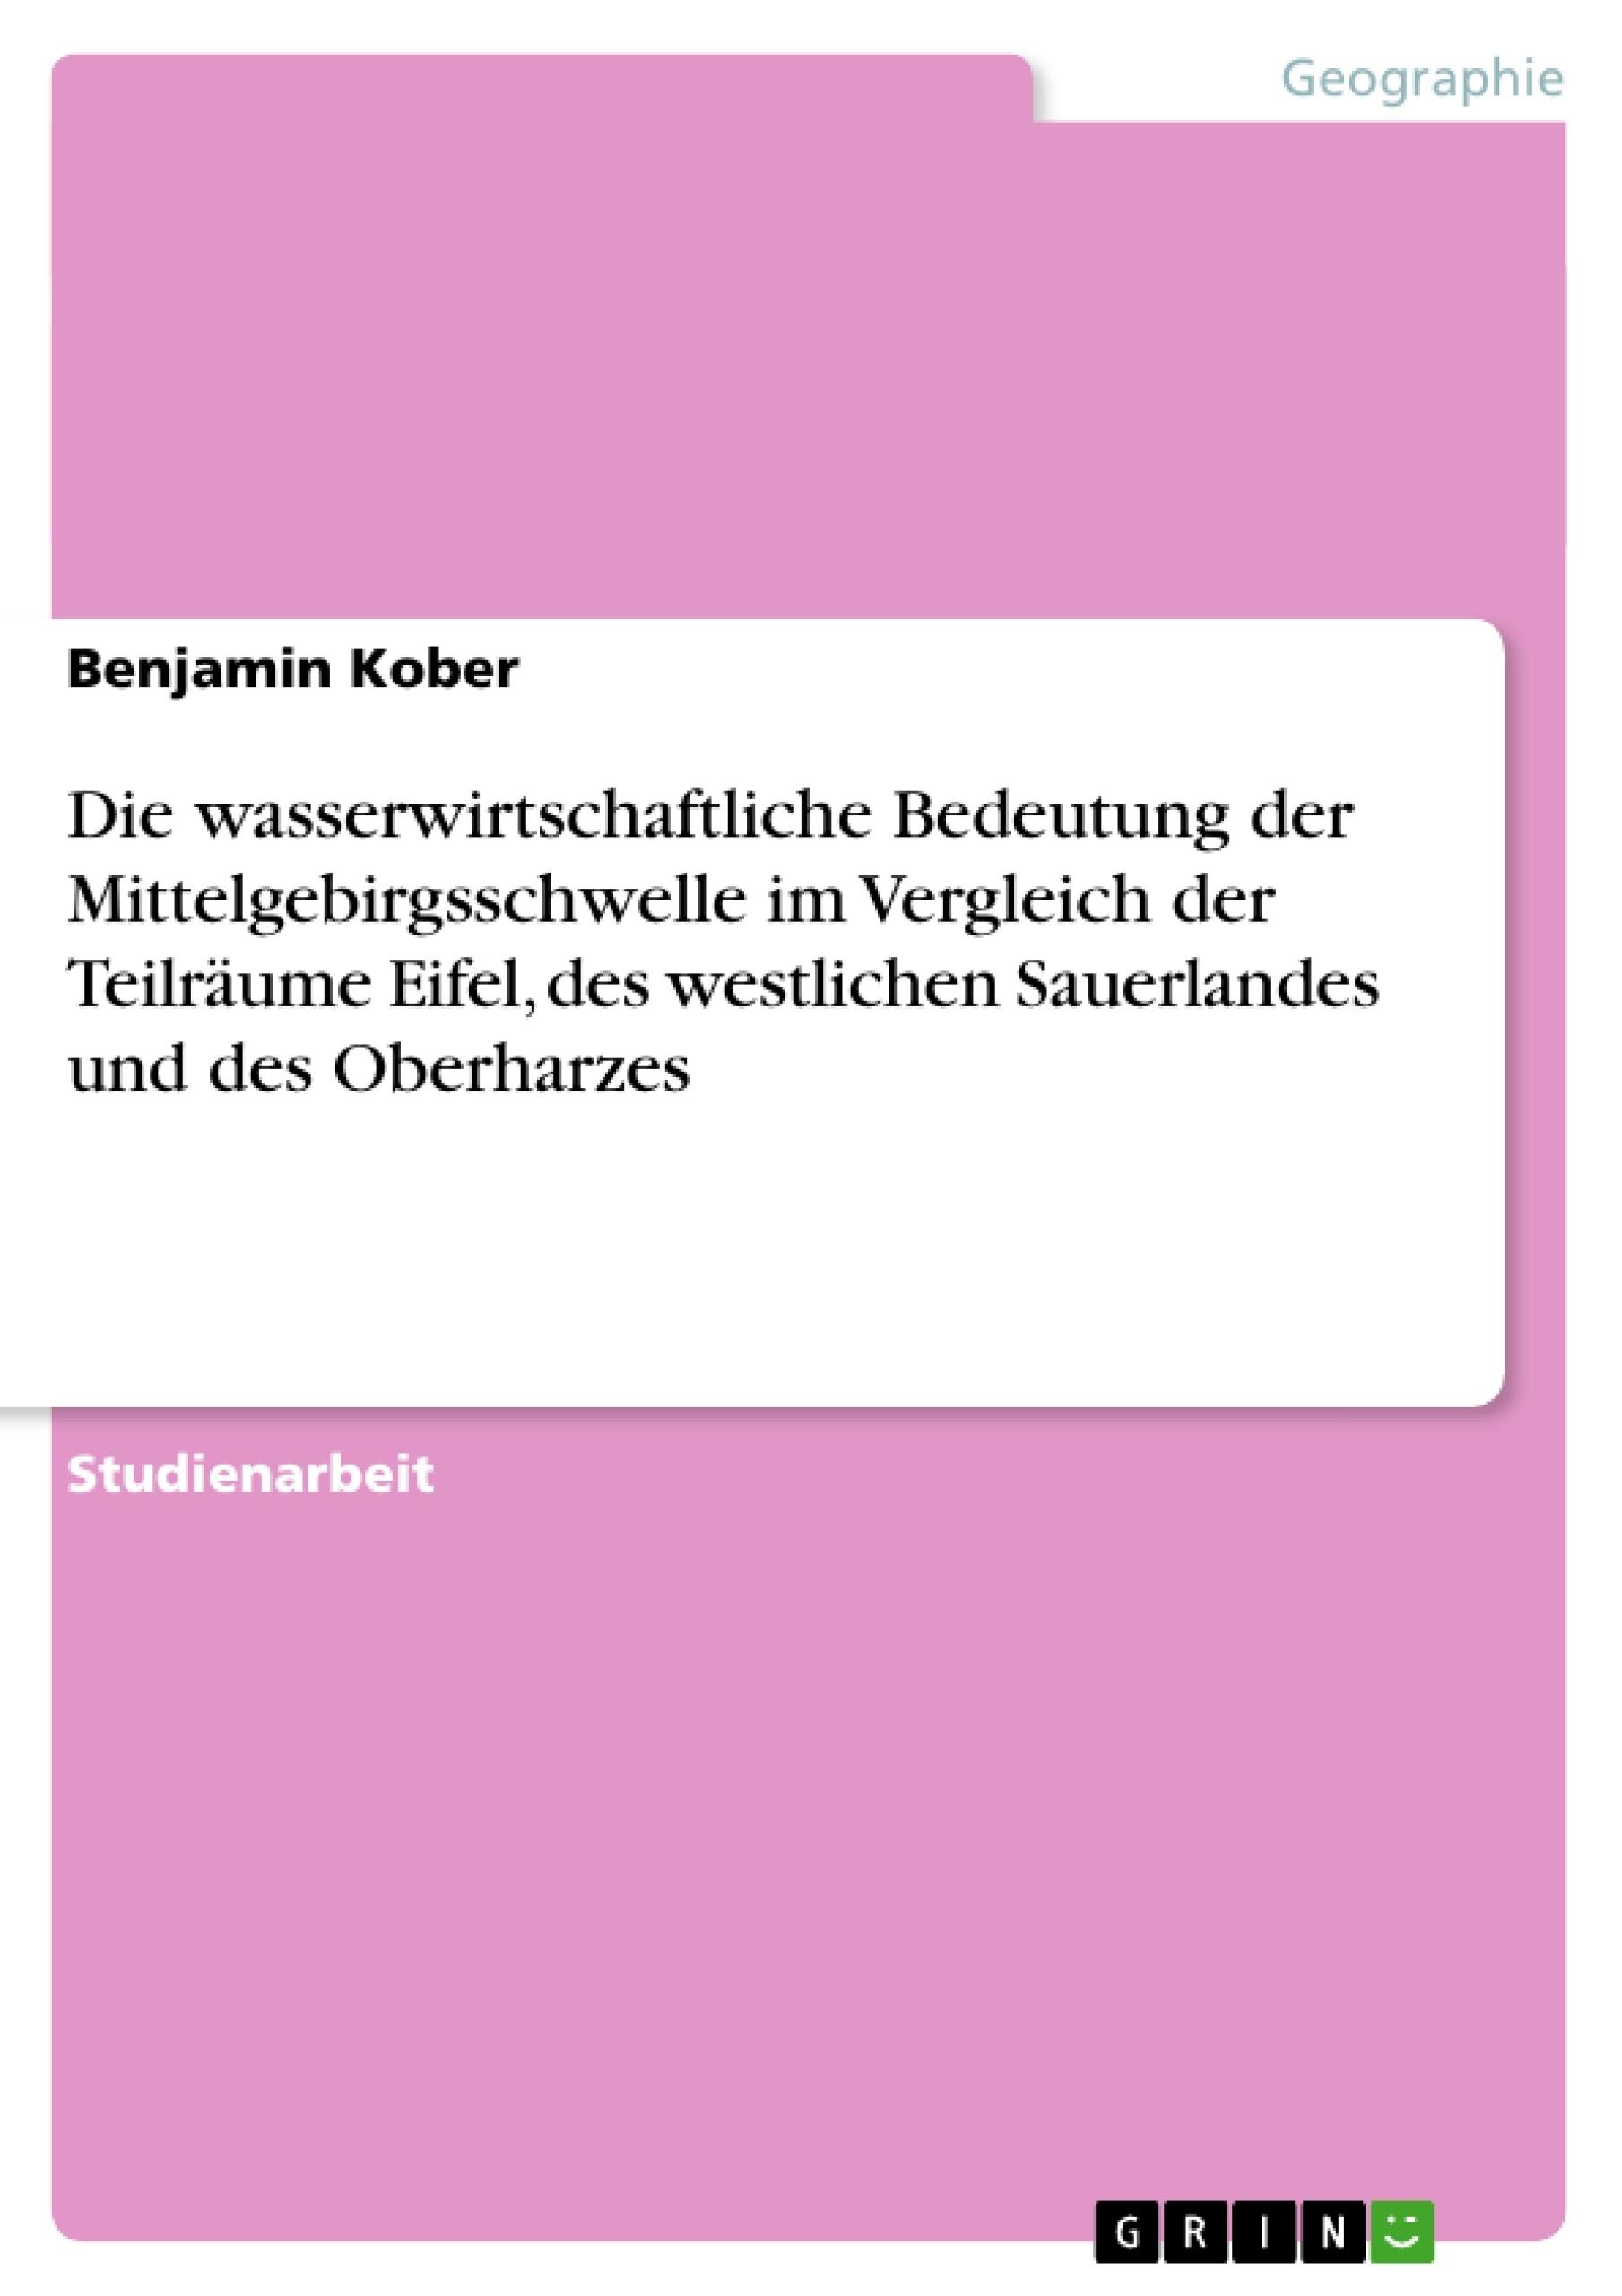 Titel: Die wasserwirtschaftliche Bedeutung der Mittelgebirgsschwelle im Vergleich der Teilräume Eifel, des westlichen Sauerlandes und des Oberharzes